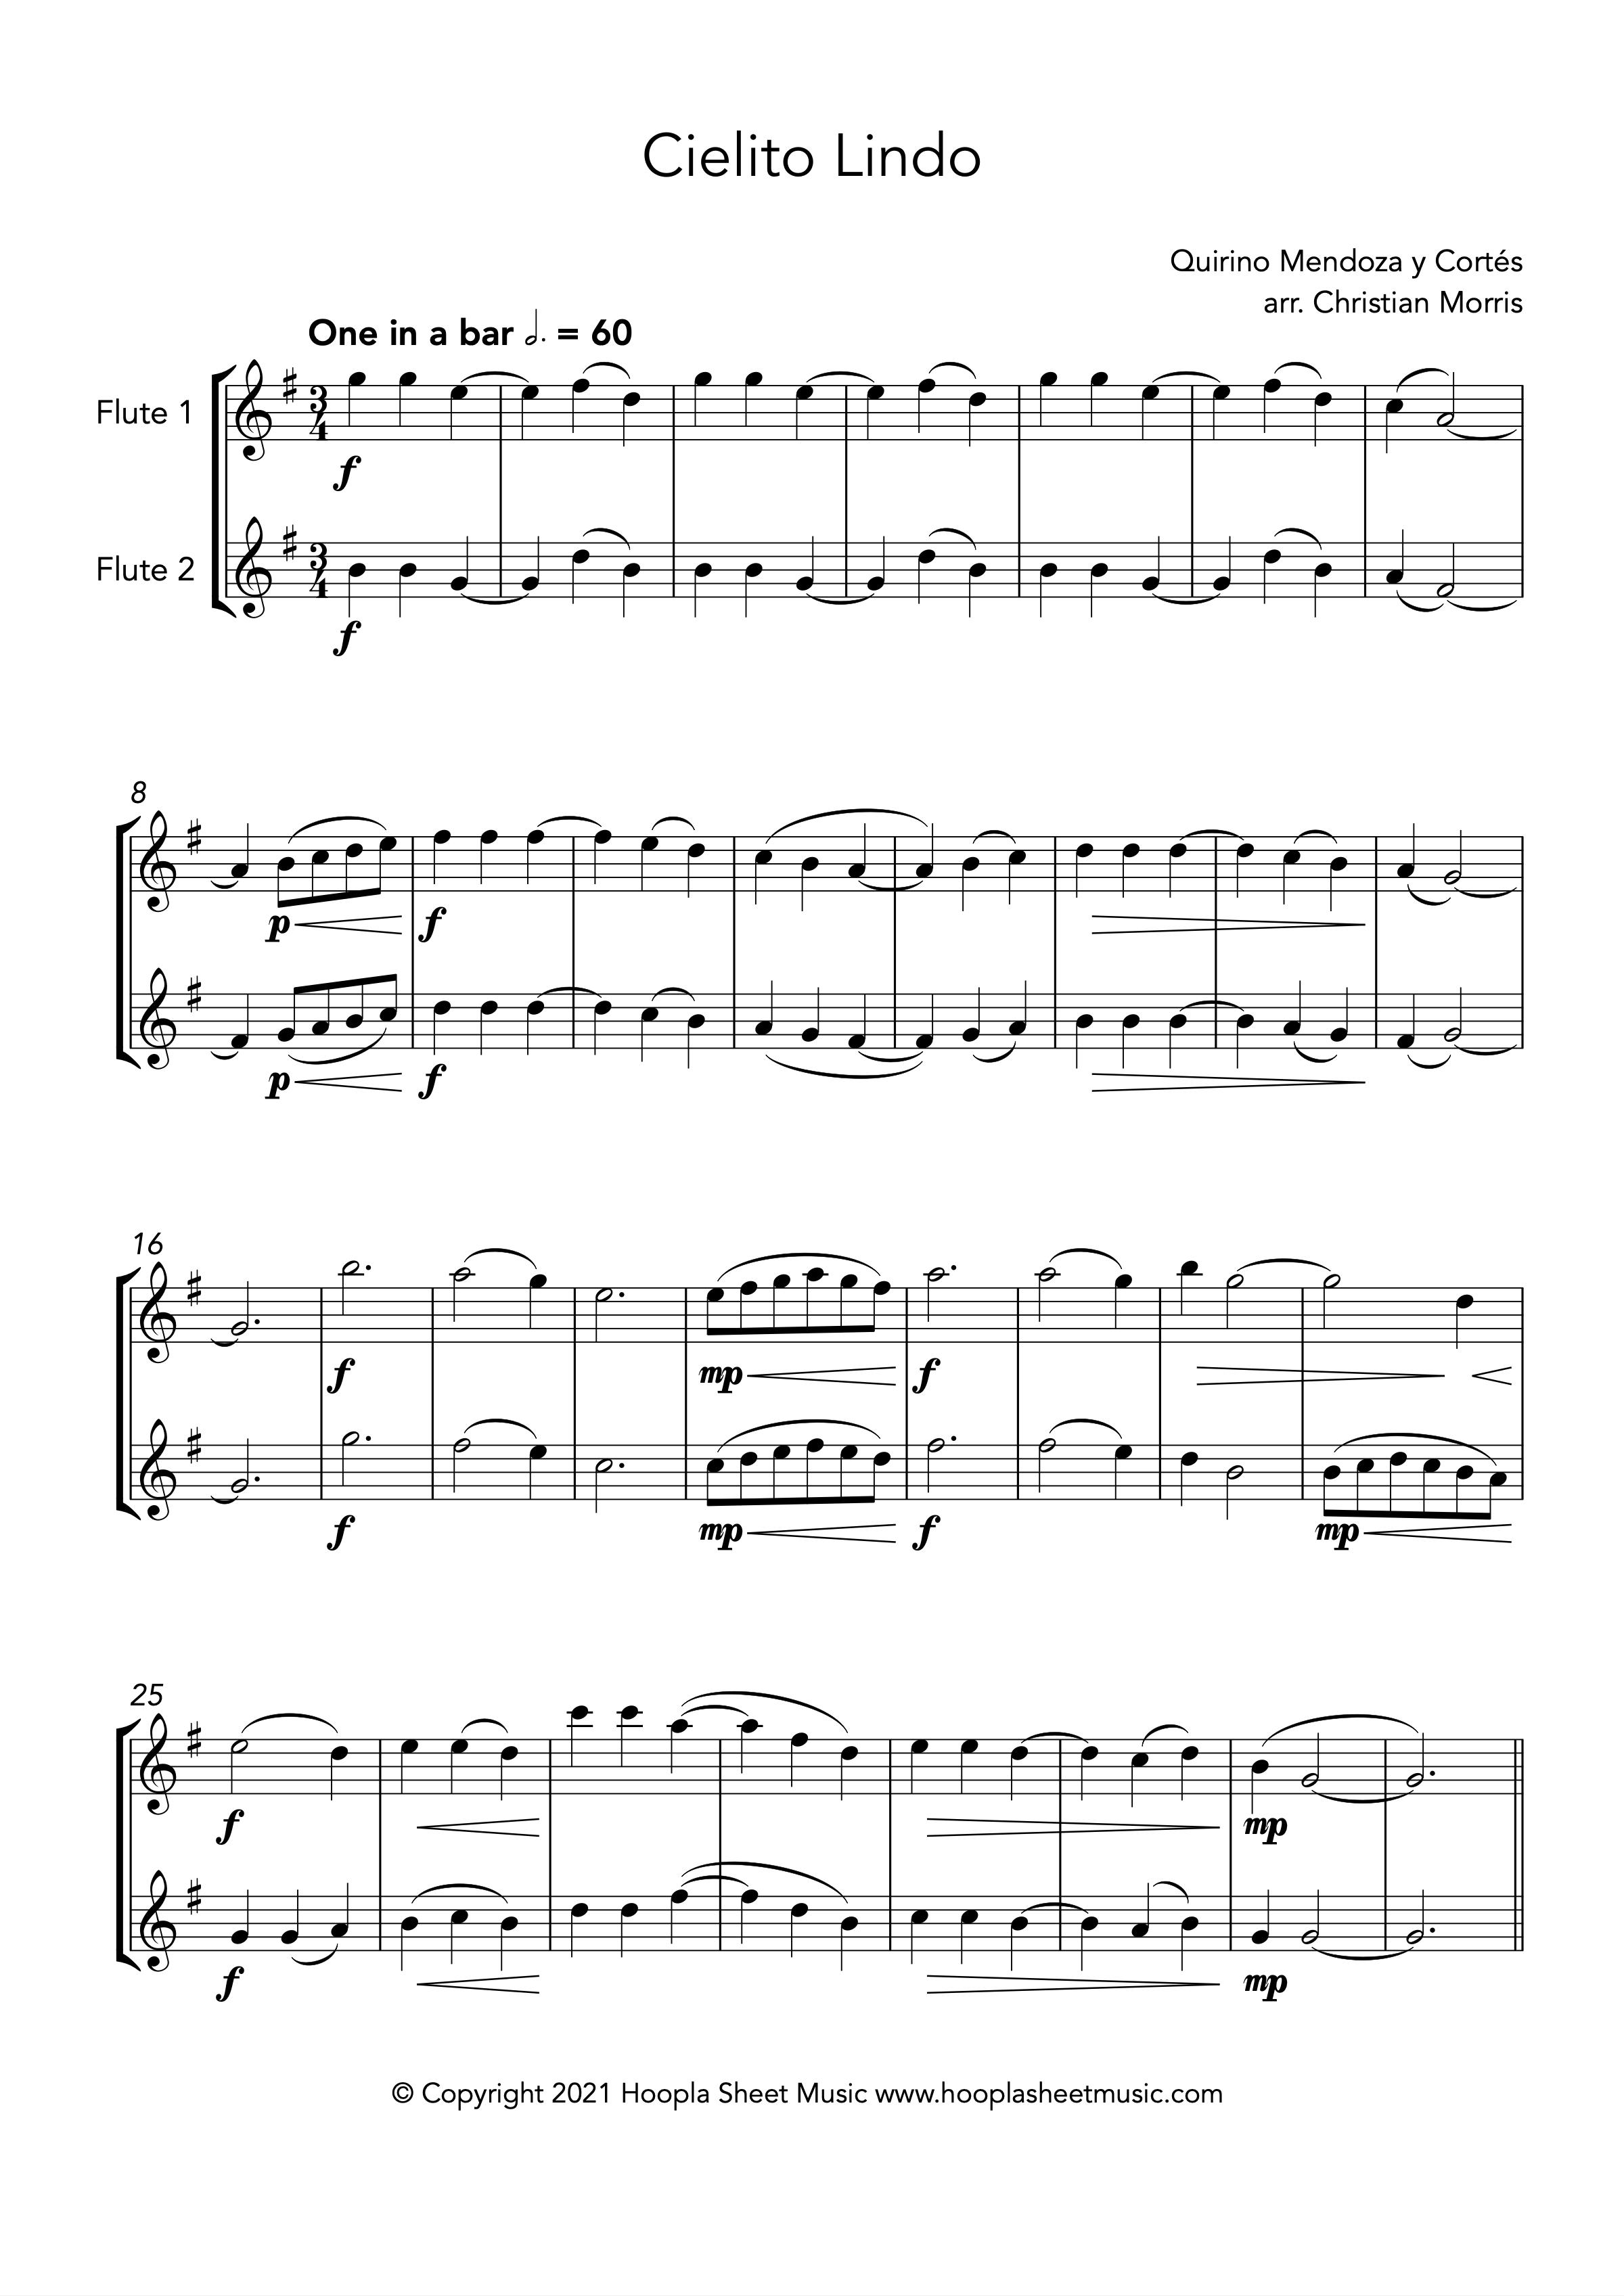 Cielito Lindo (Flute Duet)